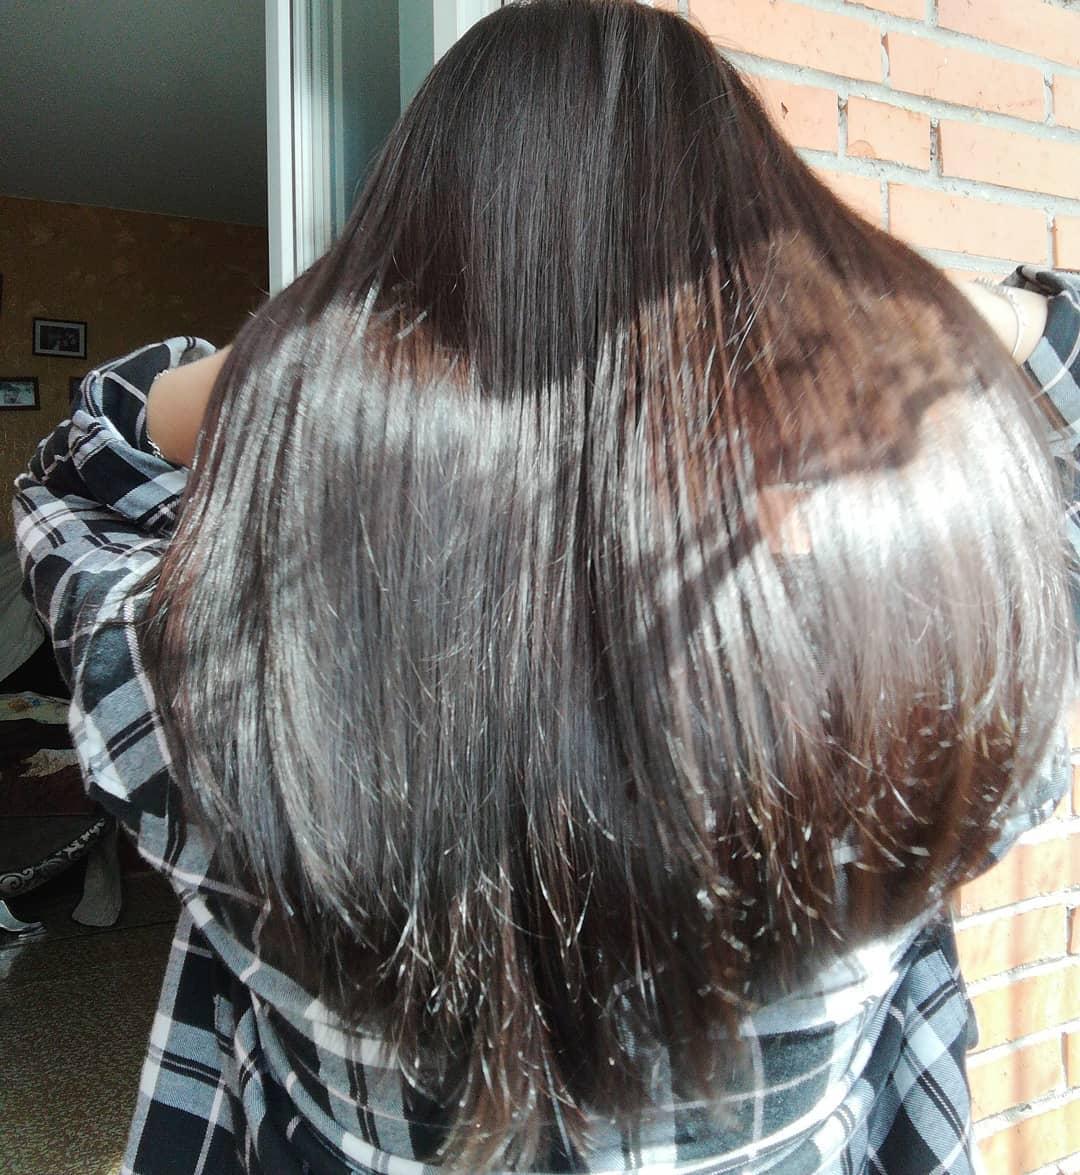 окрашивание волос хной с басмой фото виду сущий